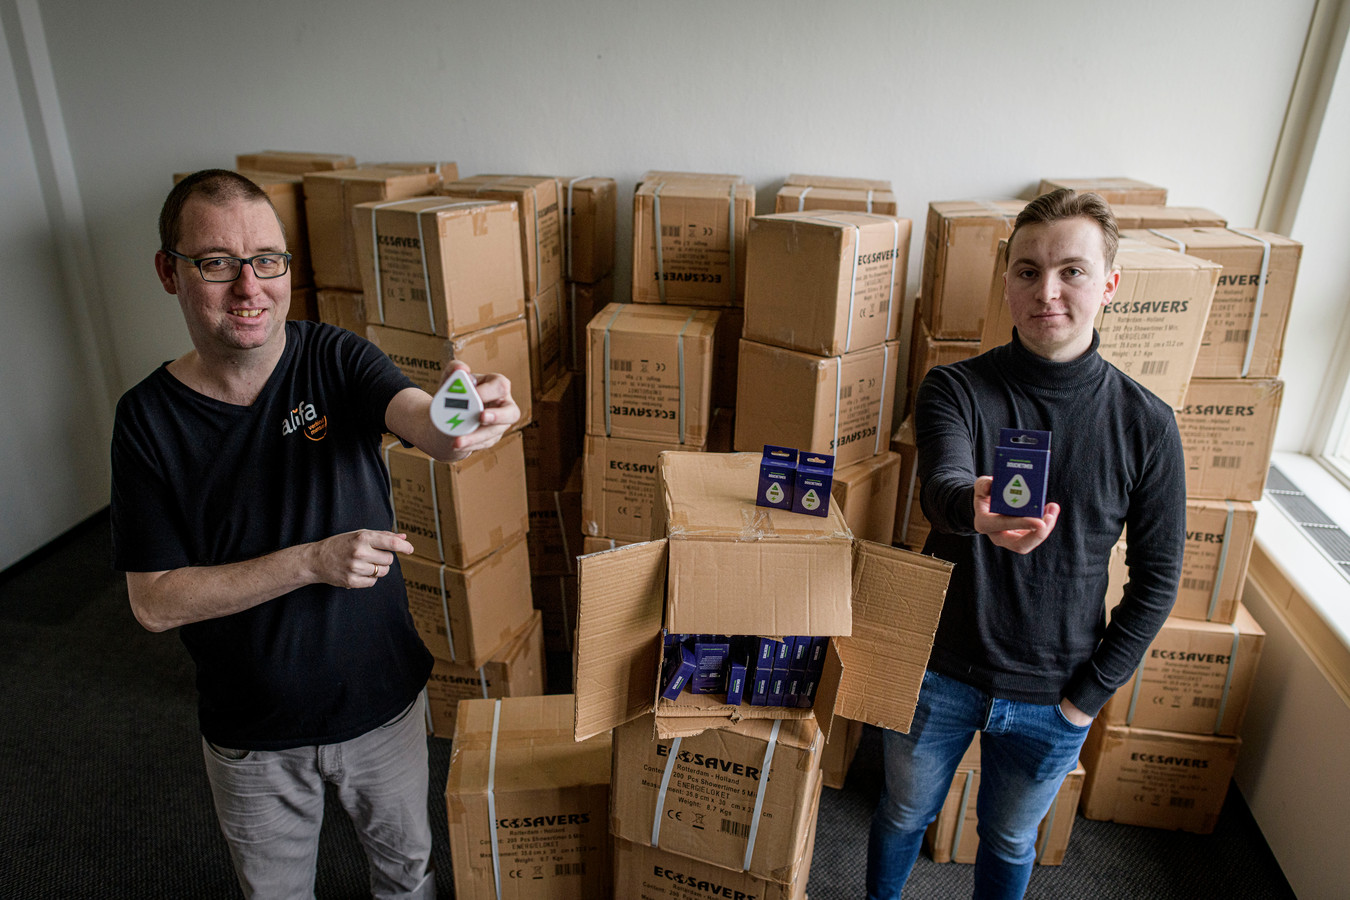 Django Deutscher (links) en Jesse van het Bolscher van Alifa bij de dozen met bestellingen bij het Energieloket. Dagelijks komen er tweehonderd bestellingen binnen bij het Energieloket.